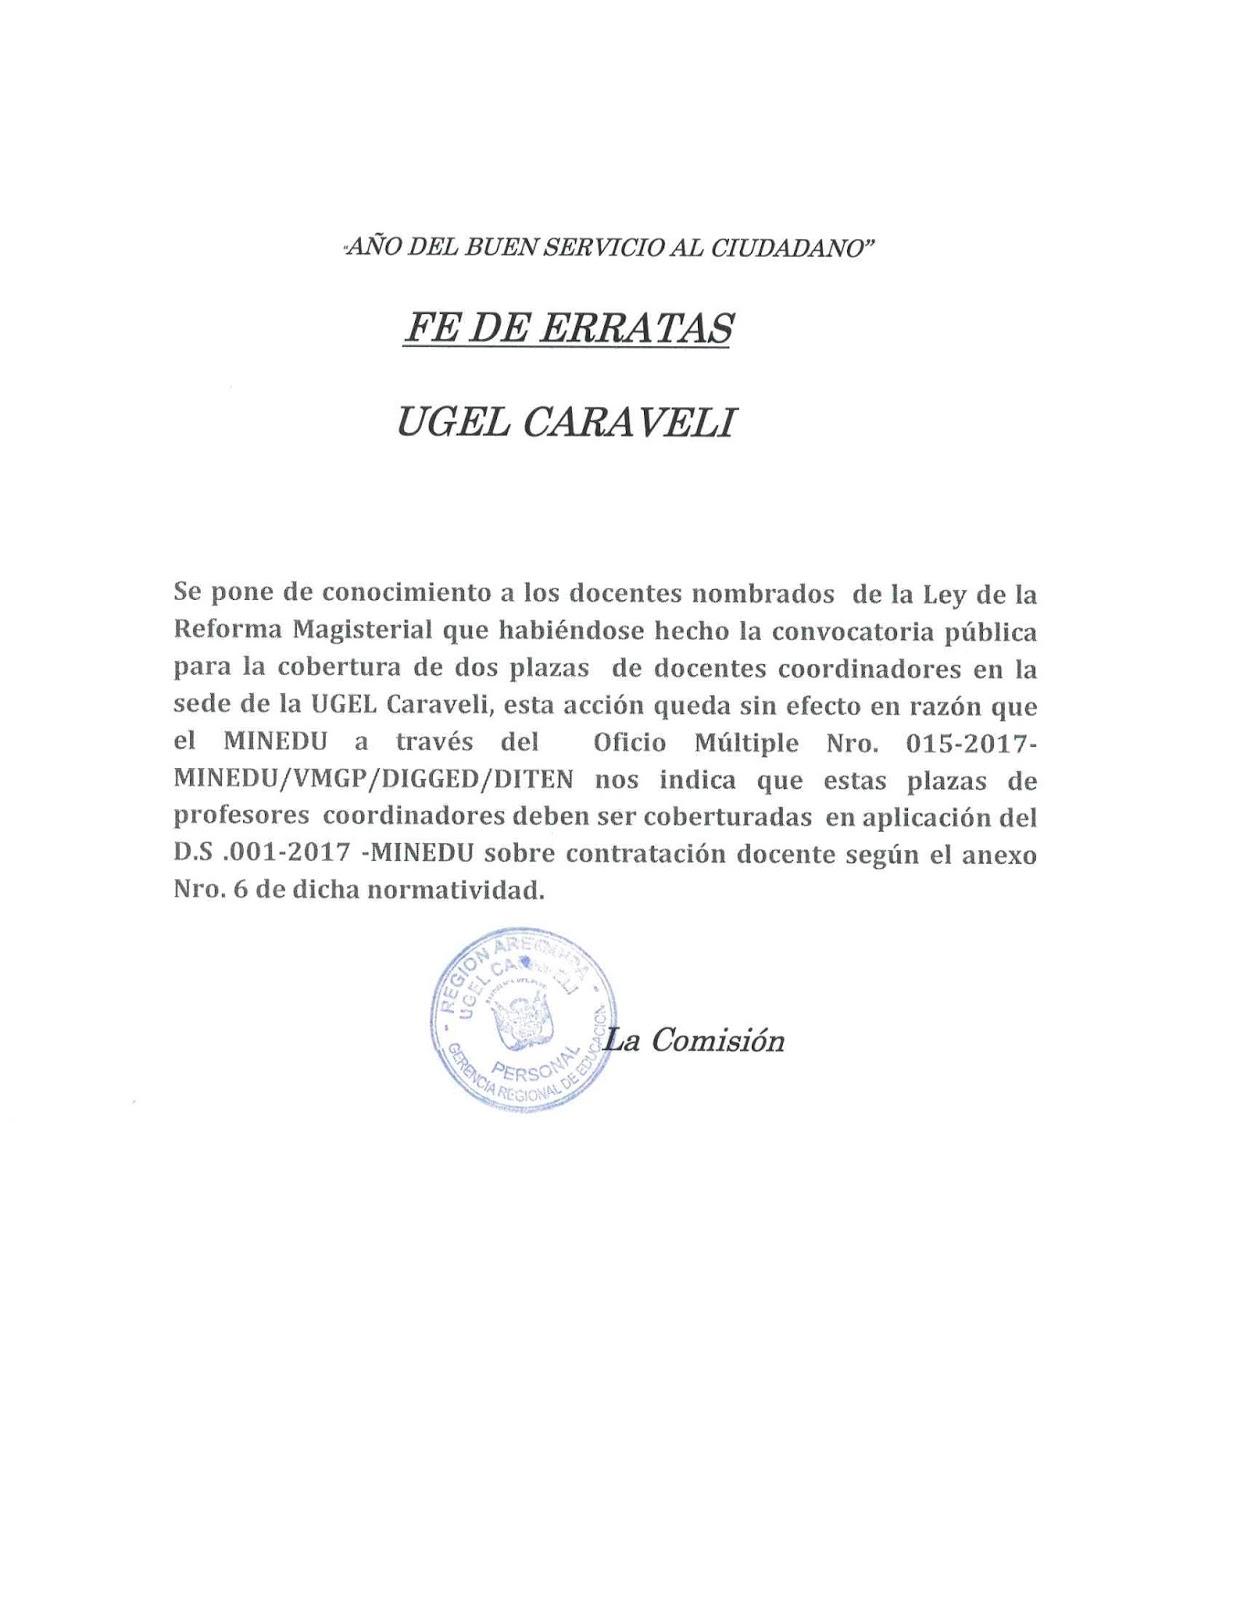 Fe de erratas sobre convocatoria publica ugel caravel for Convocatoria de plazas docentes 2017